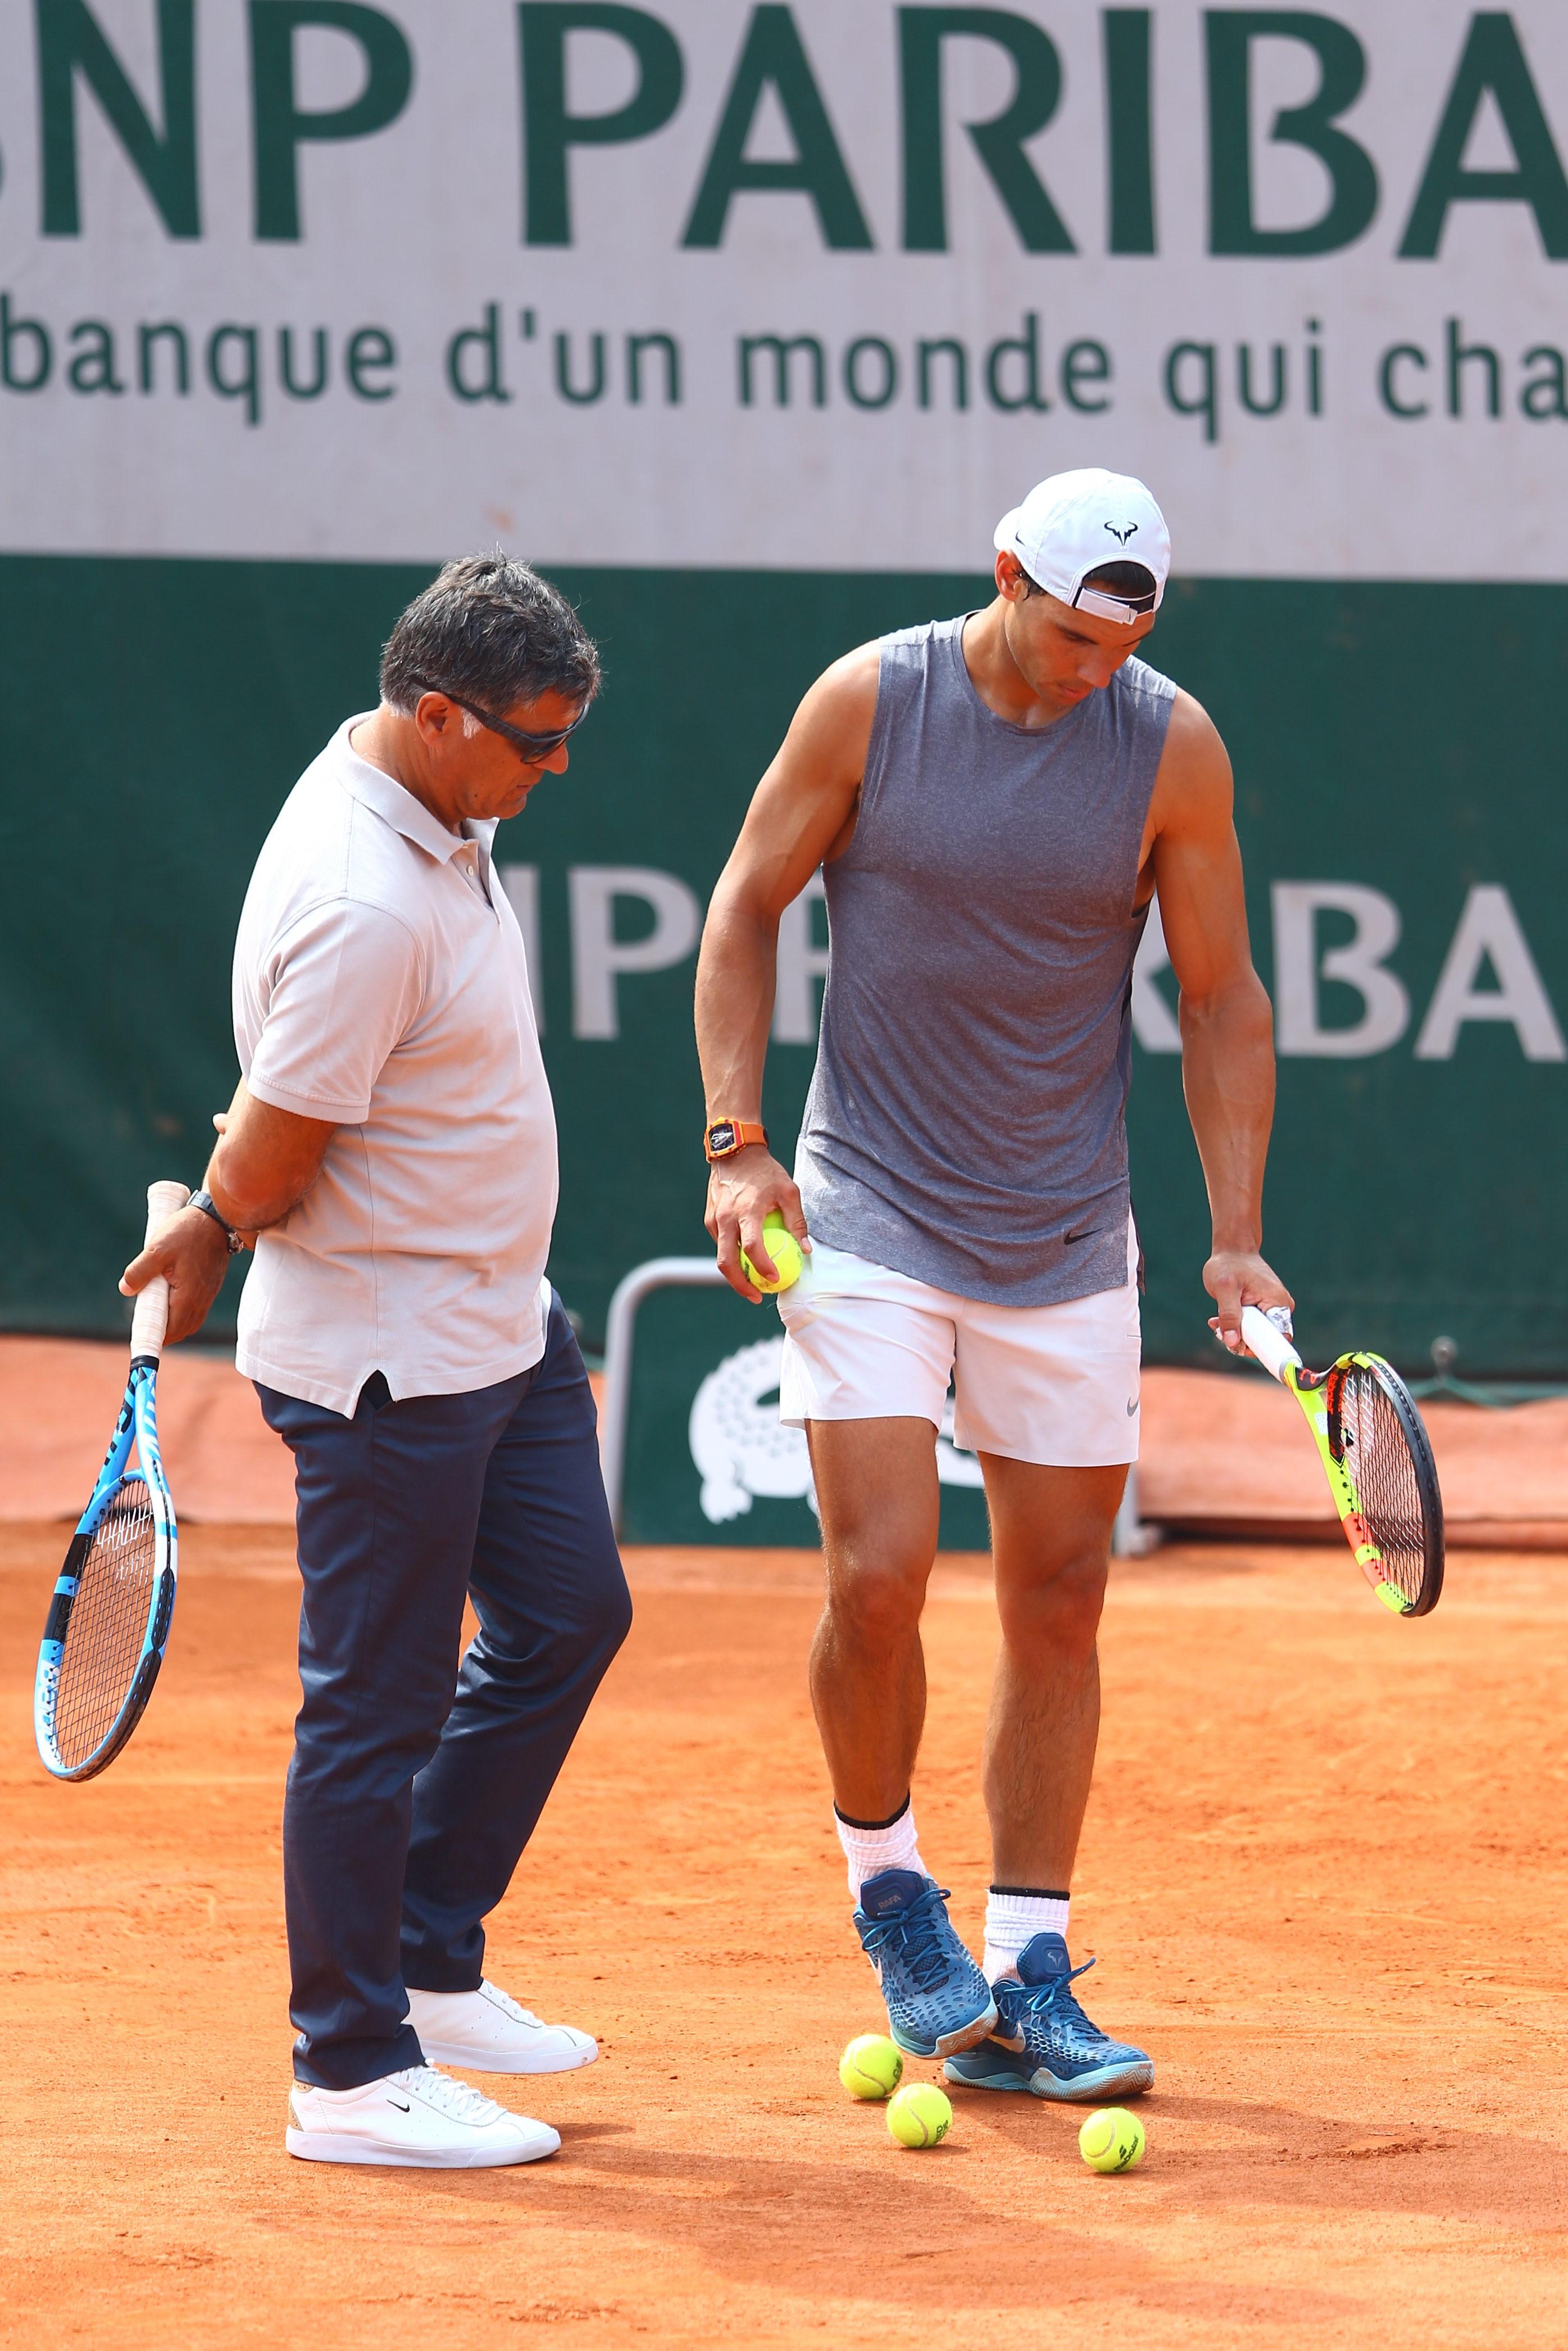 Toni Nadal & Rafael Nadal